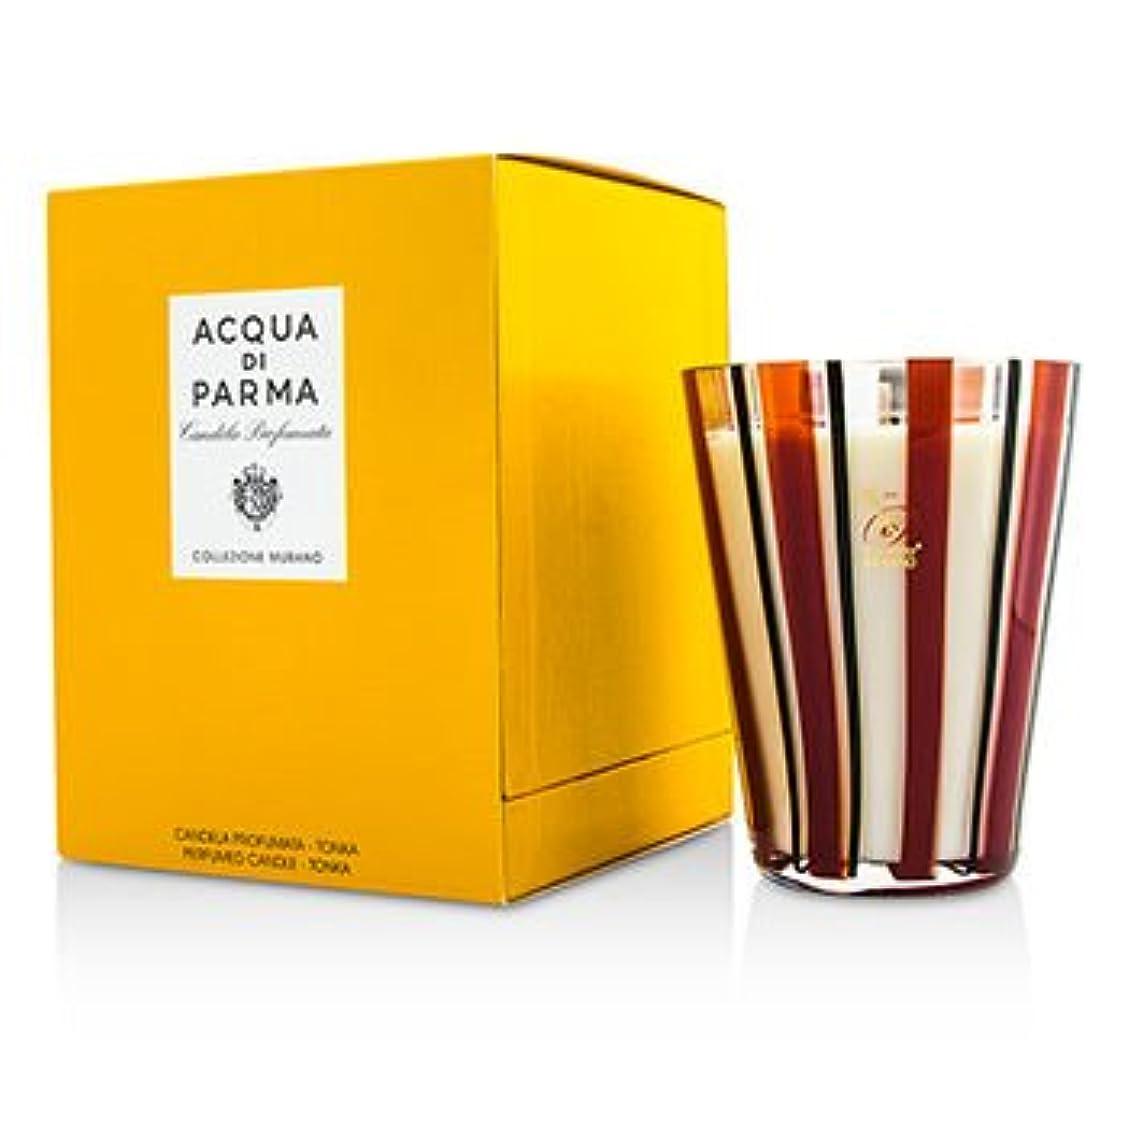 死すべきクリエイティブ部分[Acqua Di Parma] Murano Glass Perfumed Candle - Tonka 200g/7.05oz